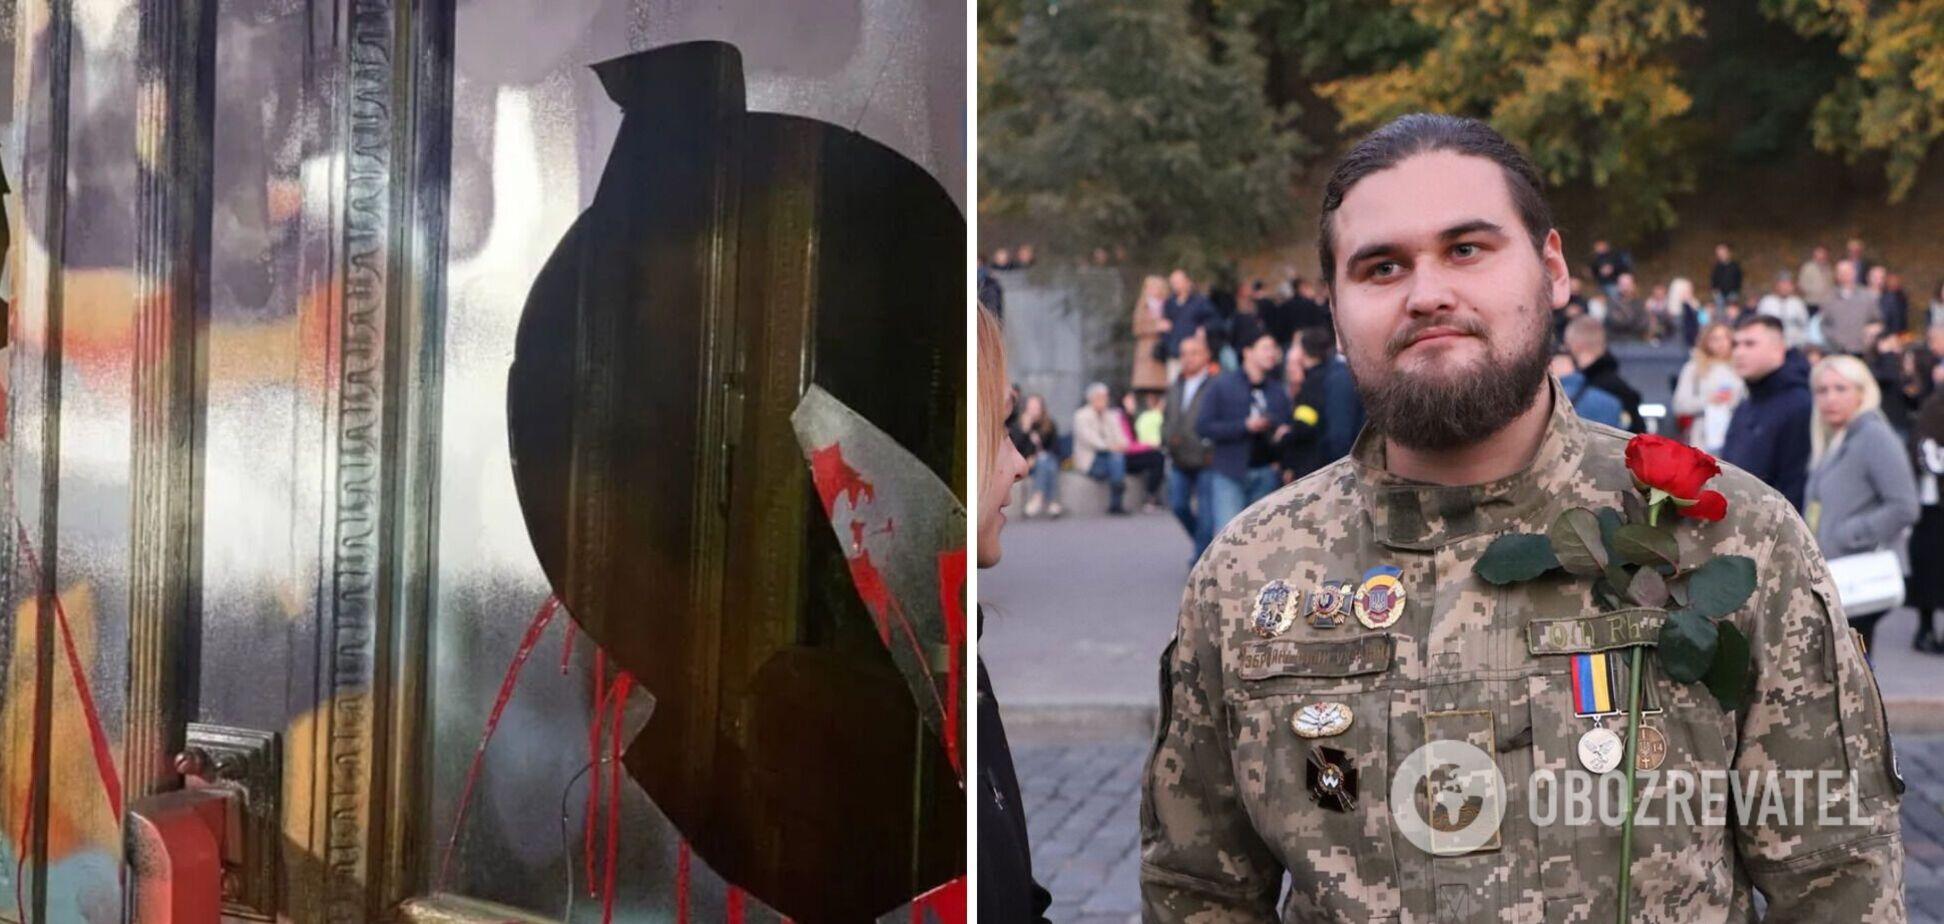 Стафійчук – про погроми на Банковій: зі Стерненком не знайомий, а вікна бив 'народний гнів'